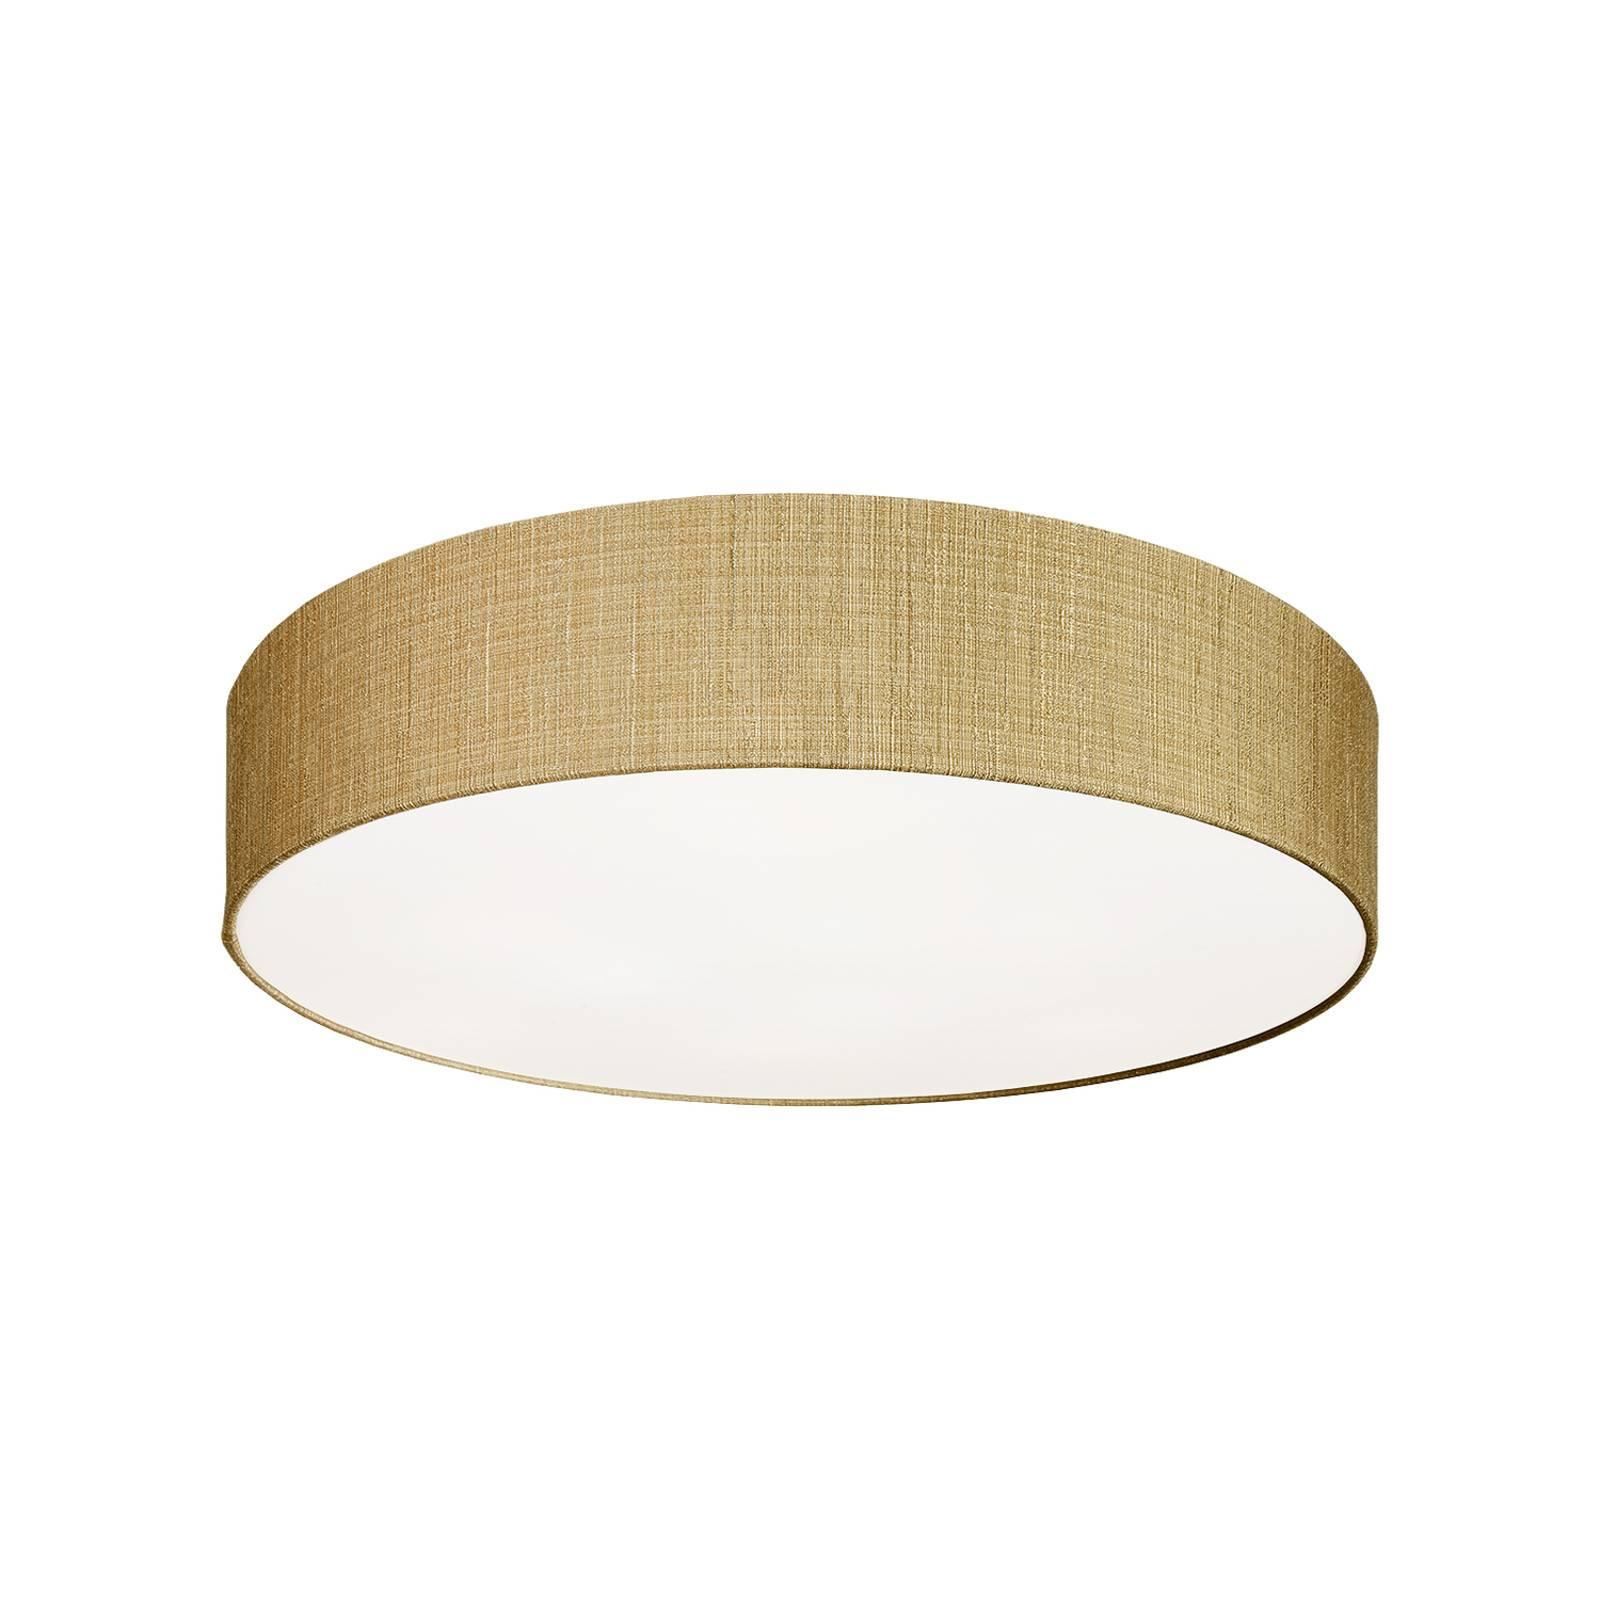 Deckenleuchte Turda, Ø 65 cm, gold